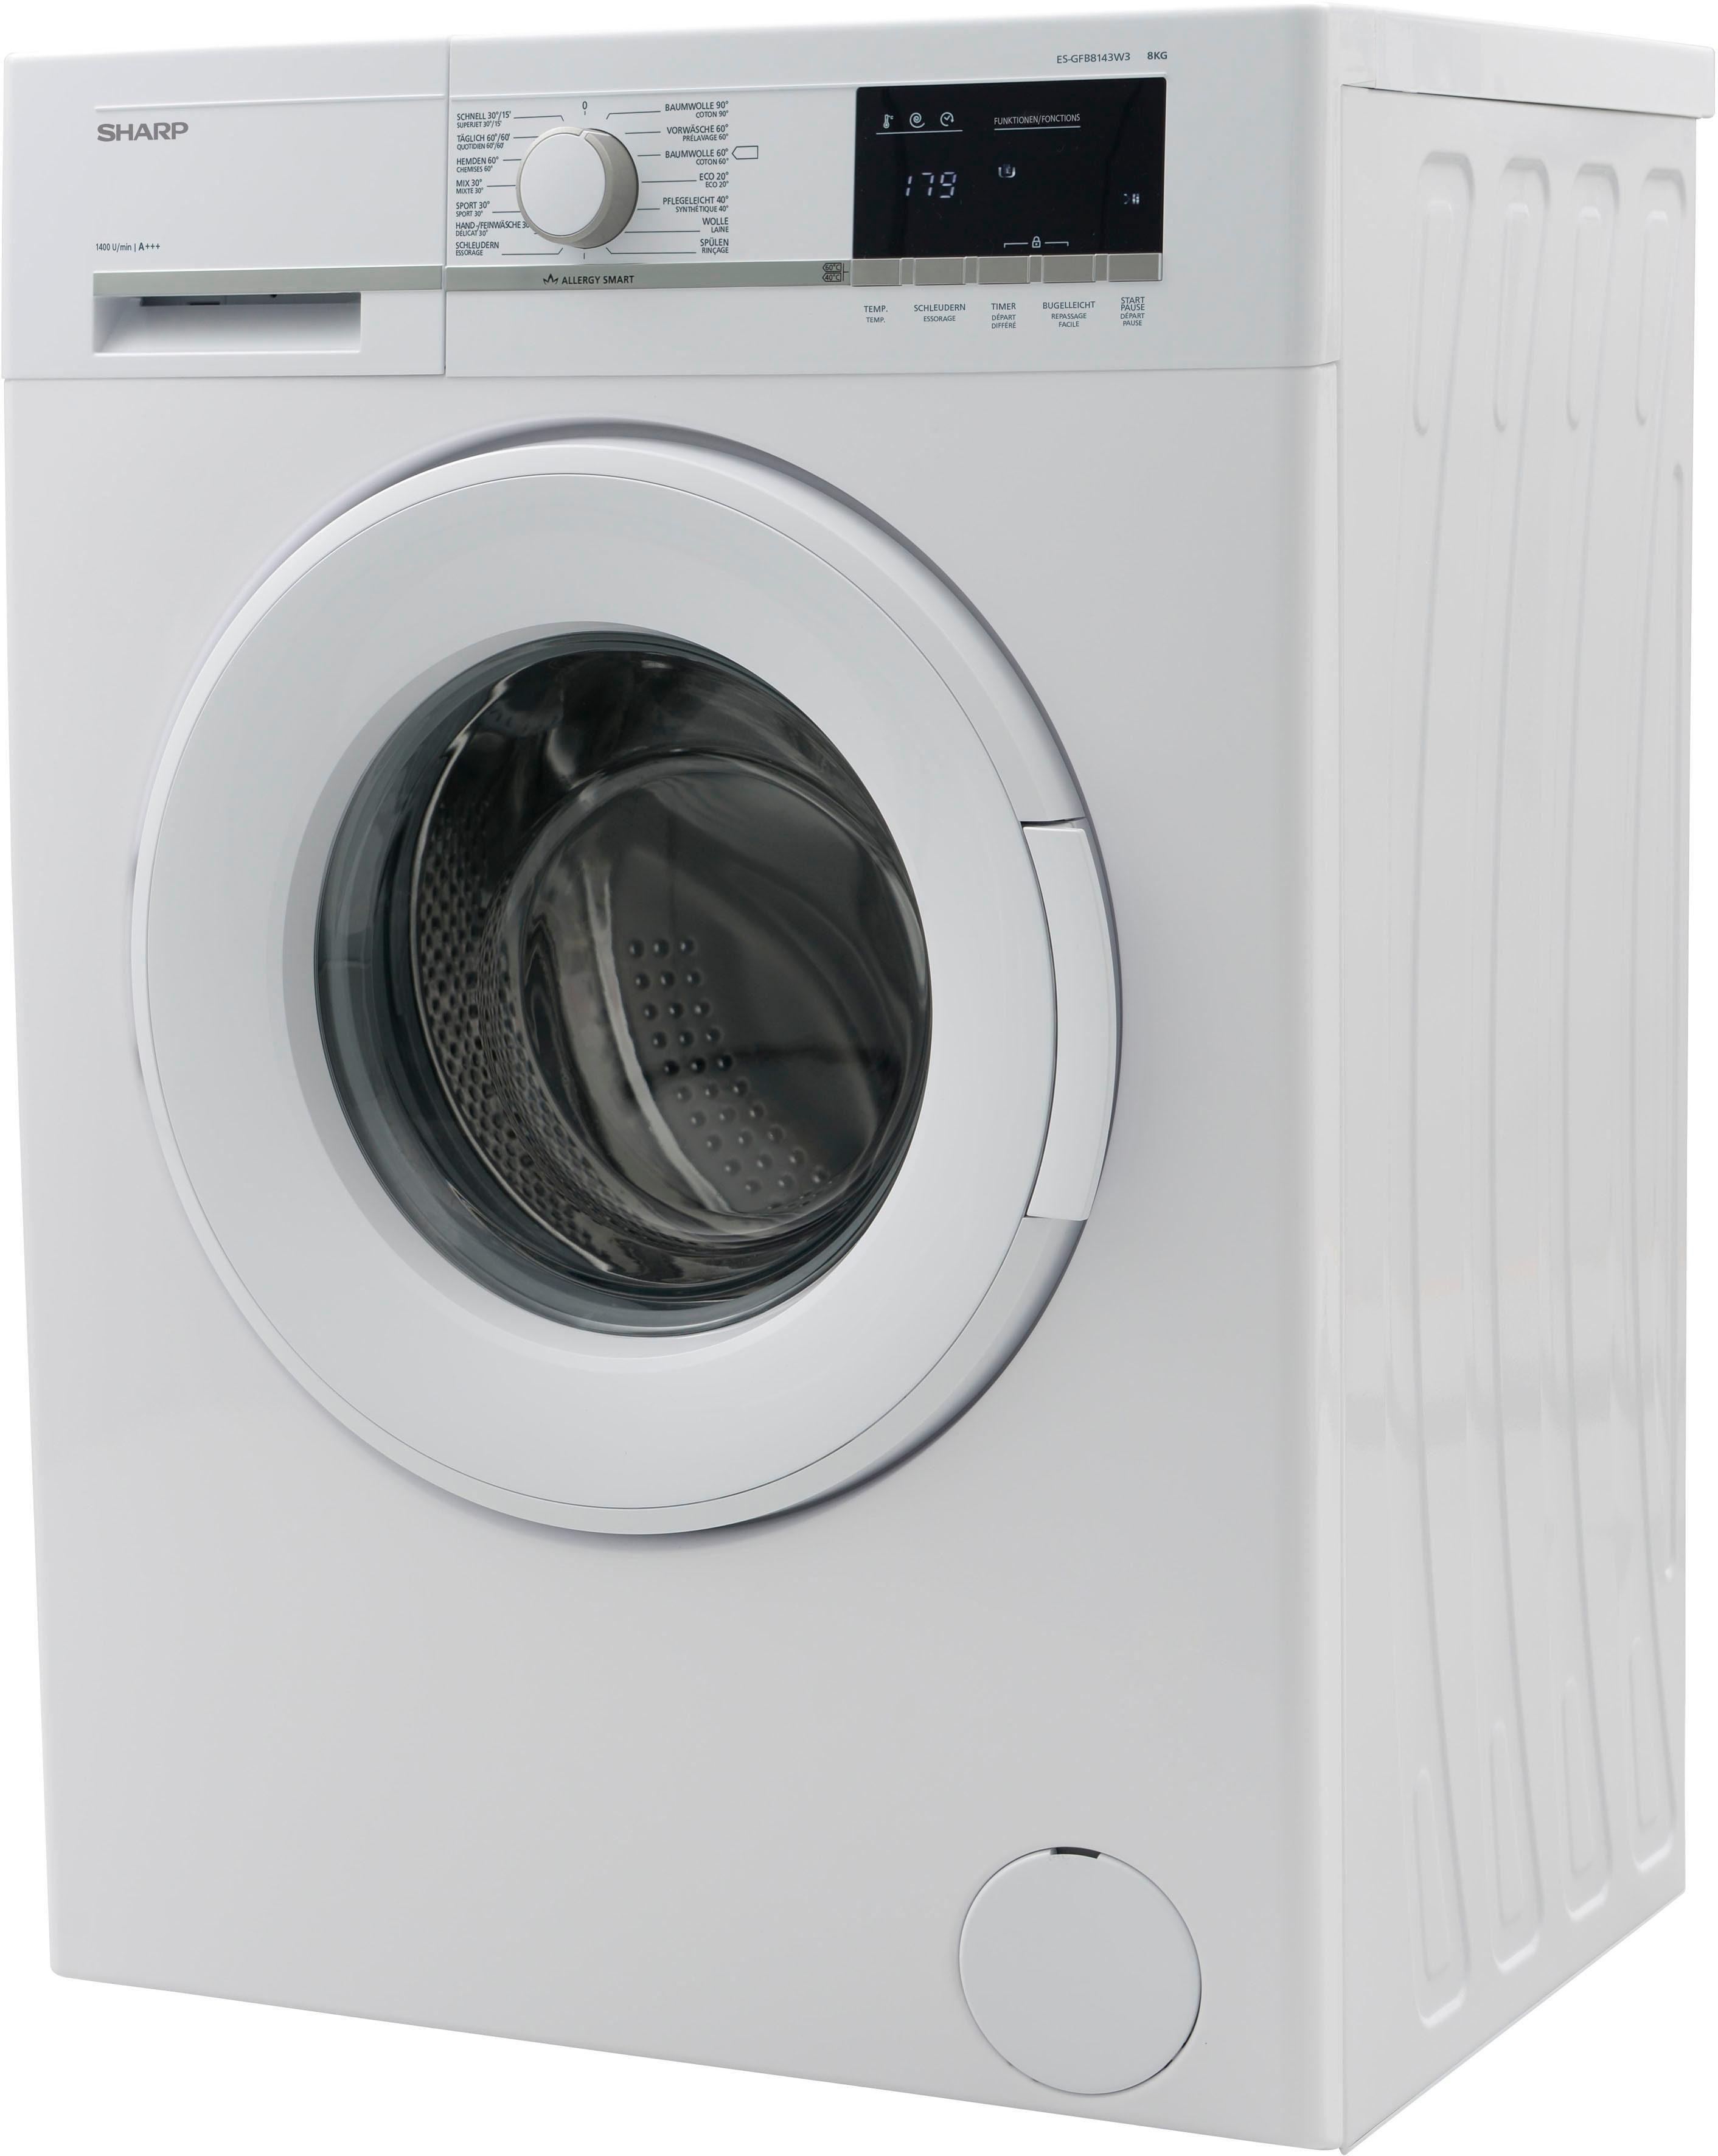 Sharp Waschmaschine ES-GFB8143W3-DE, 8 kg, 1400 U/Min